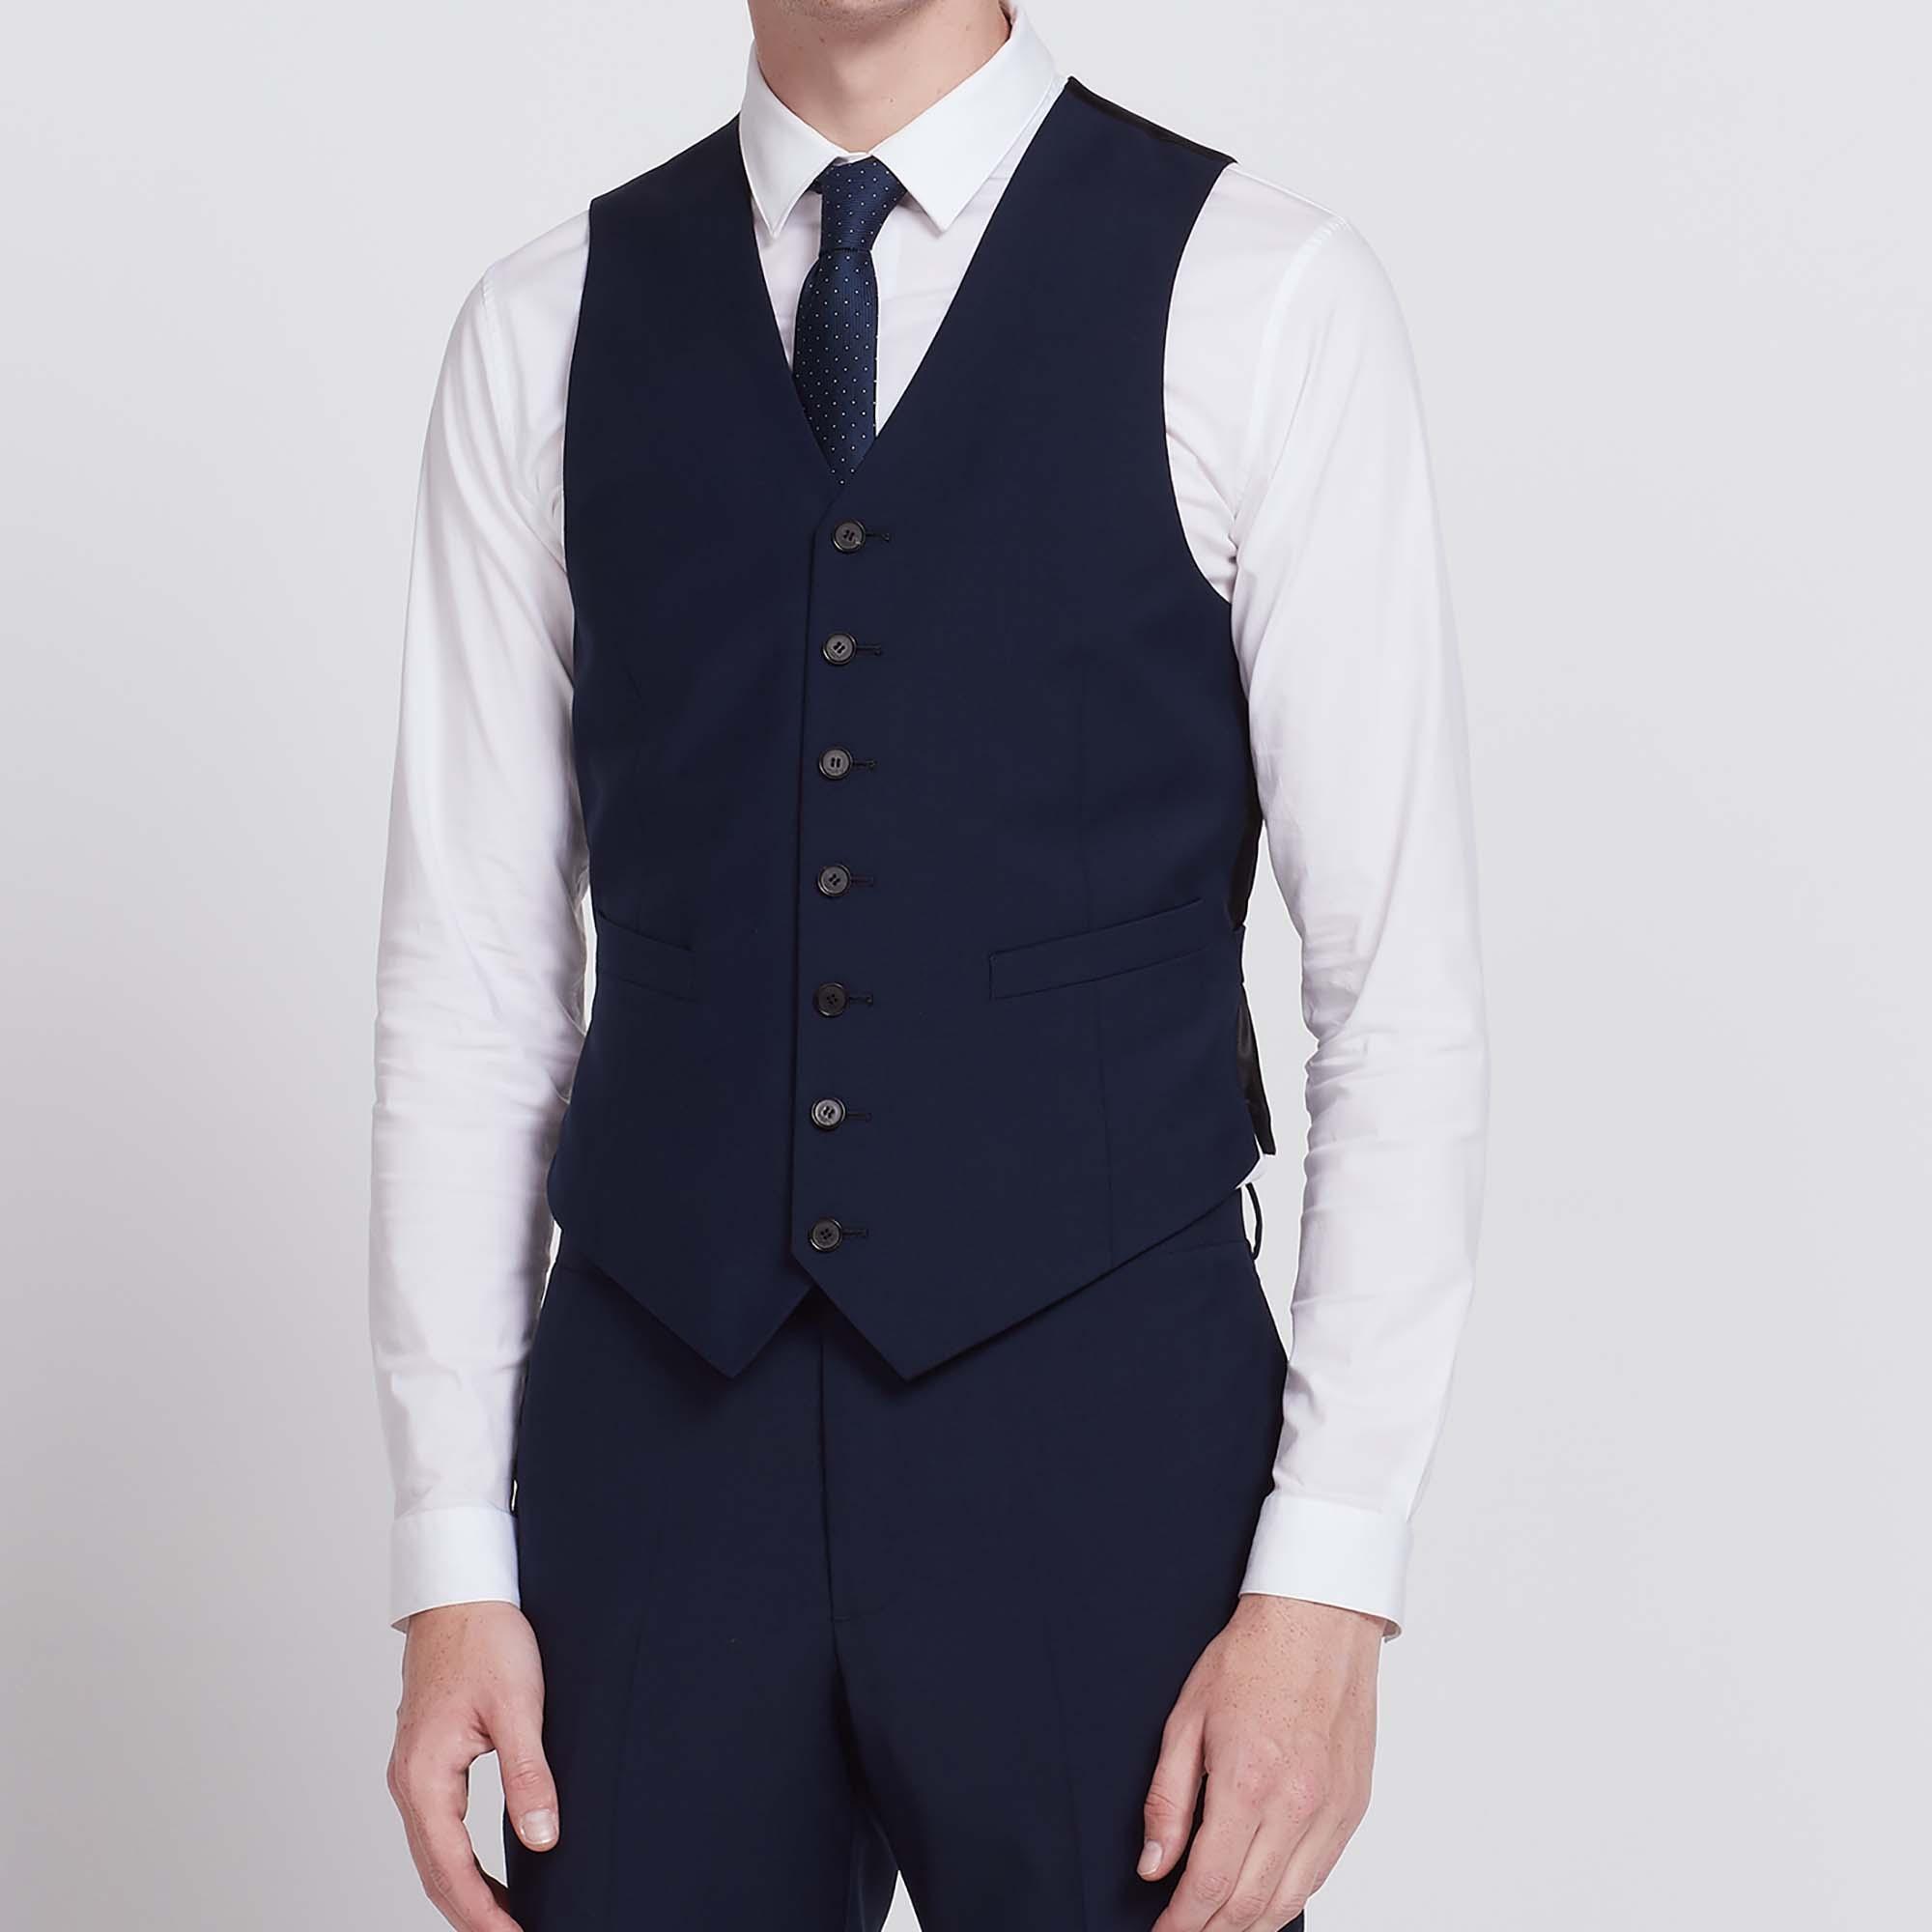 Gilet slim fit in lana Super 100s : Collezione Estiva colore Blu